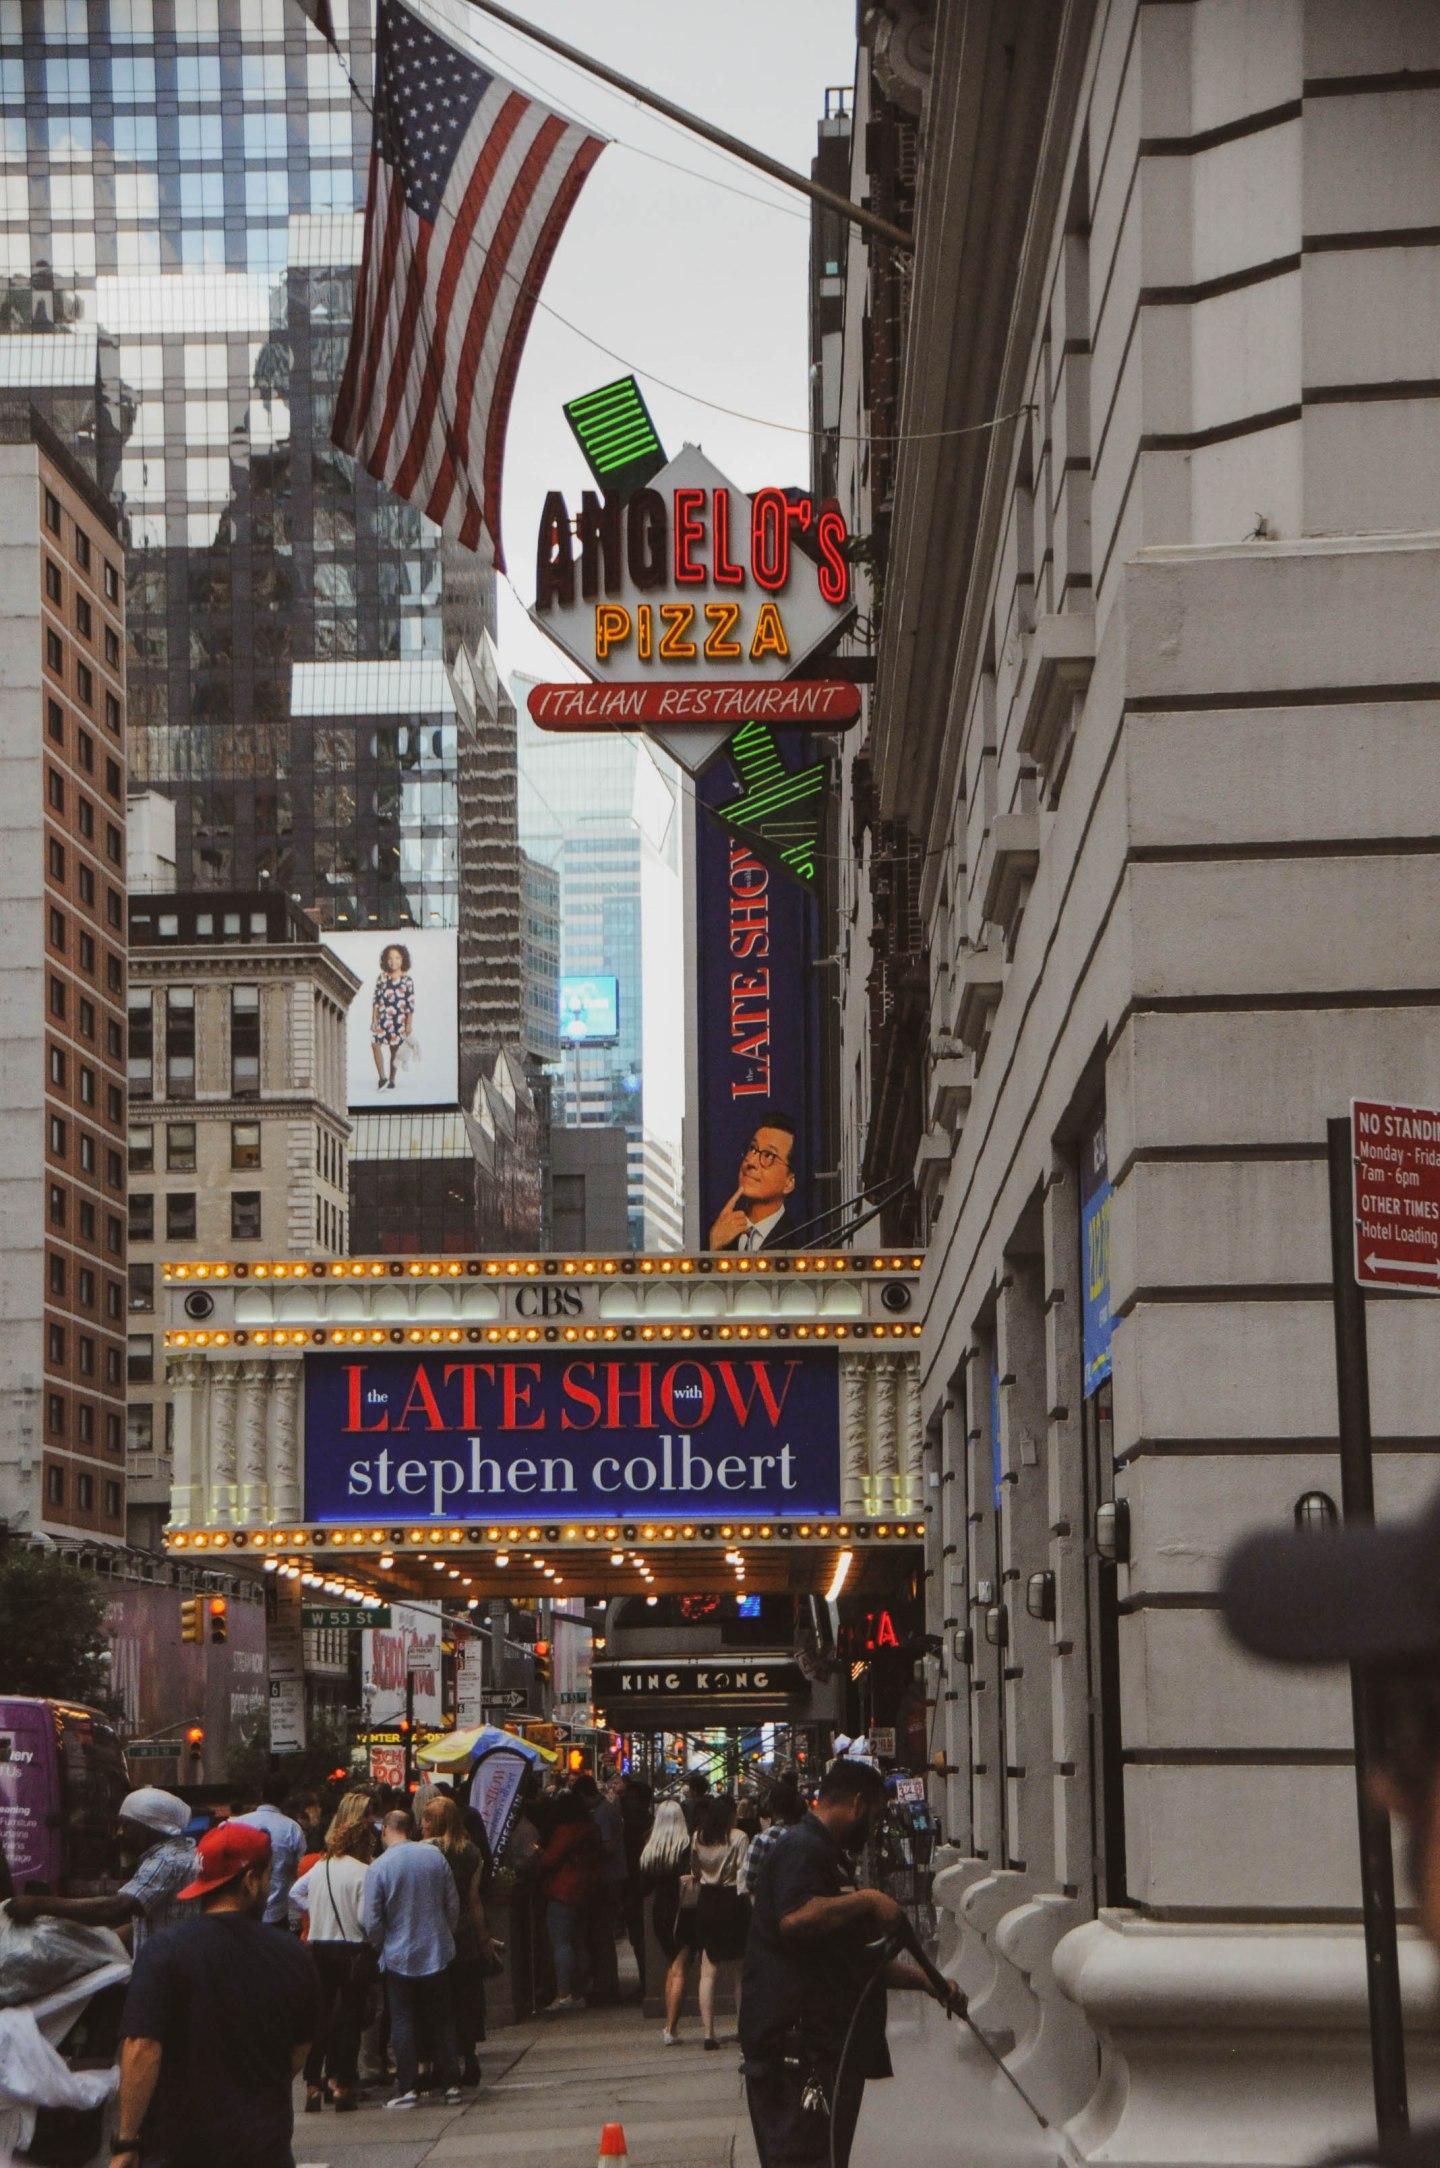 James Bond New York Stepehn Colbert